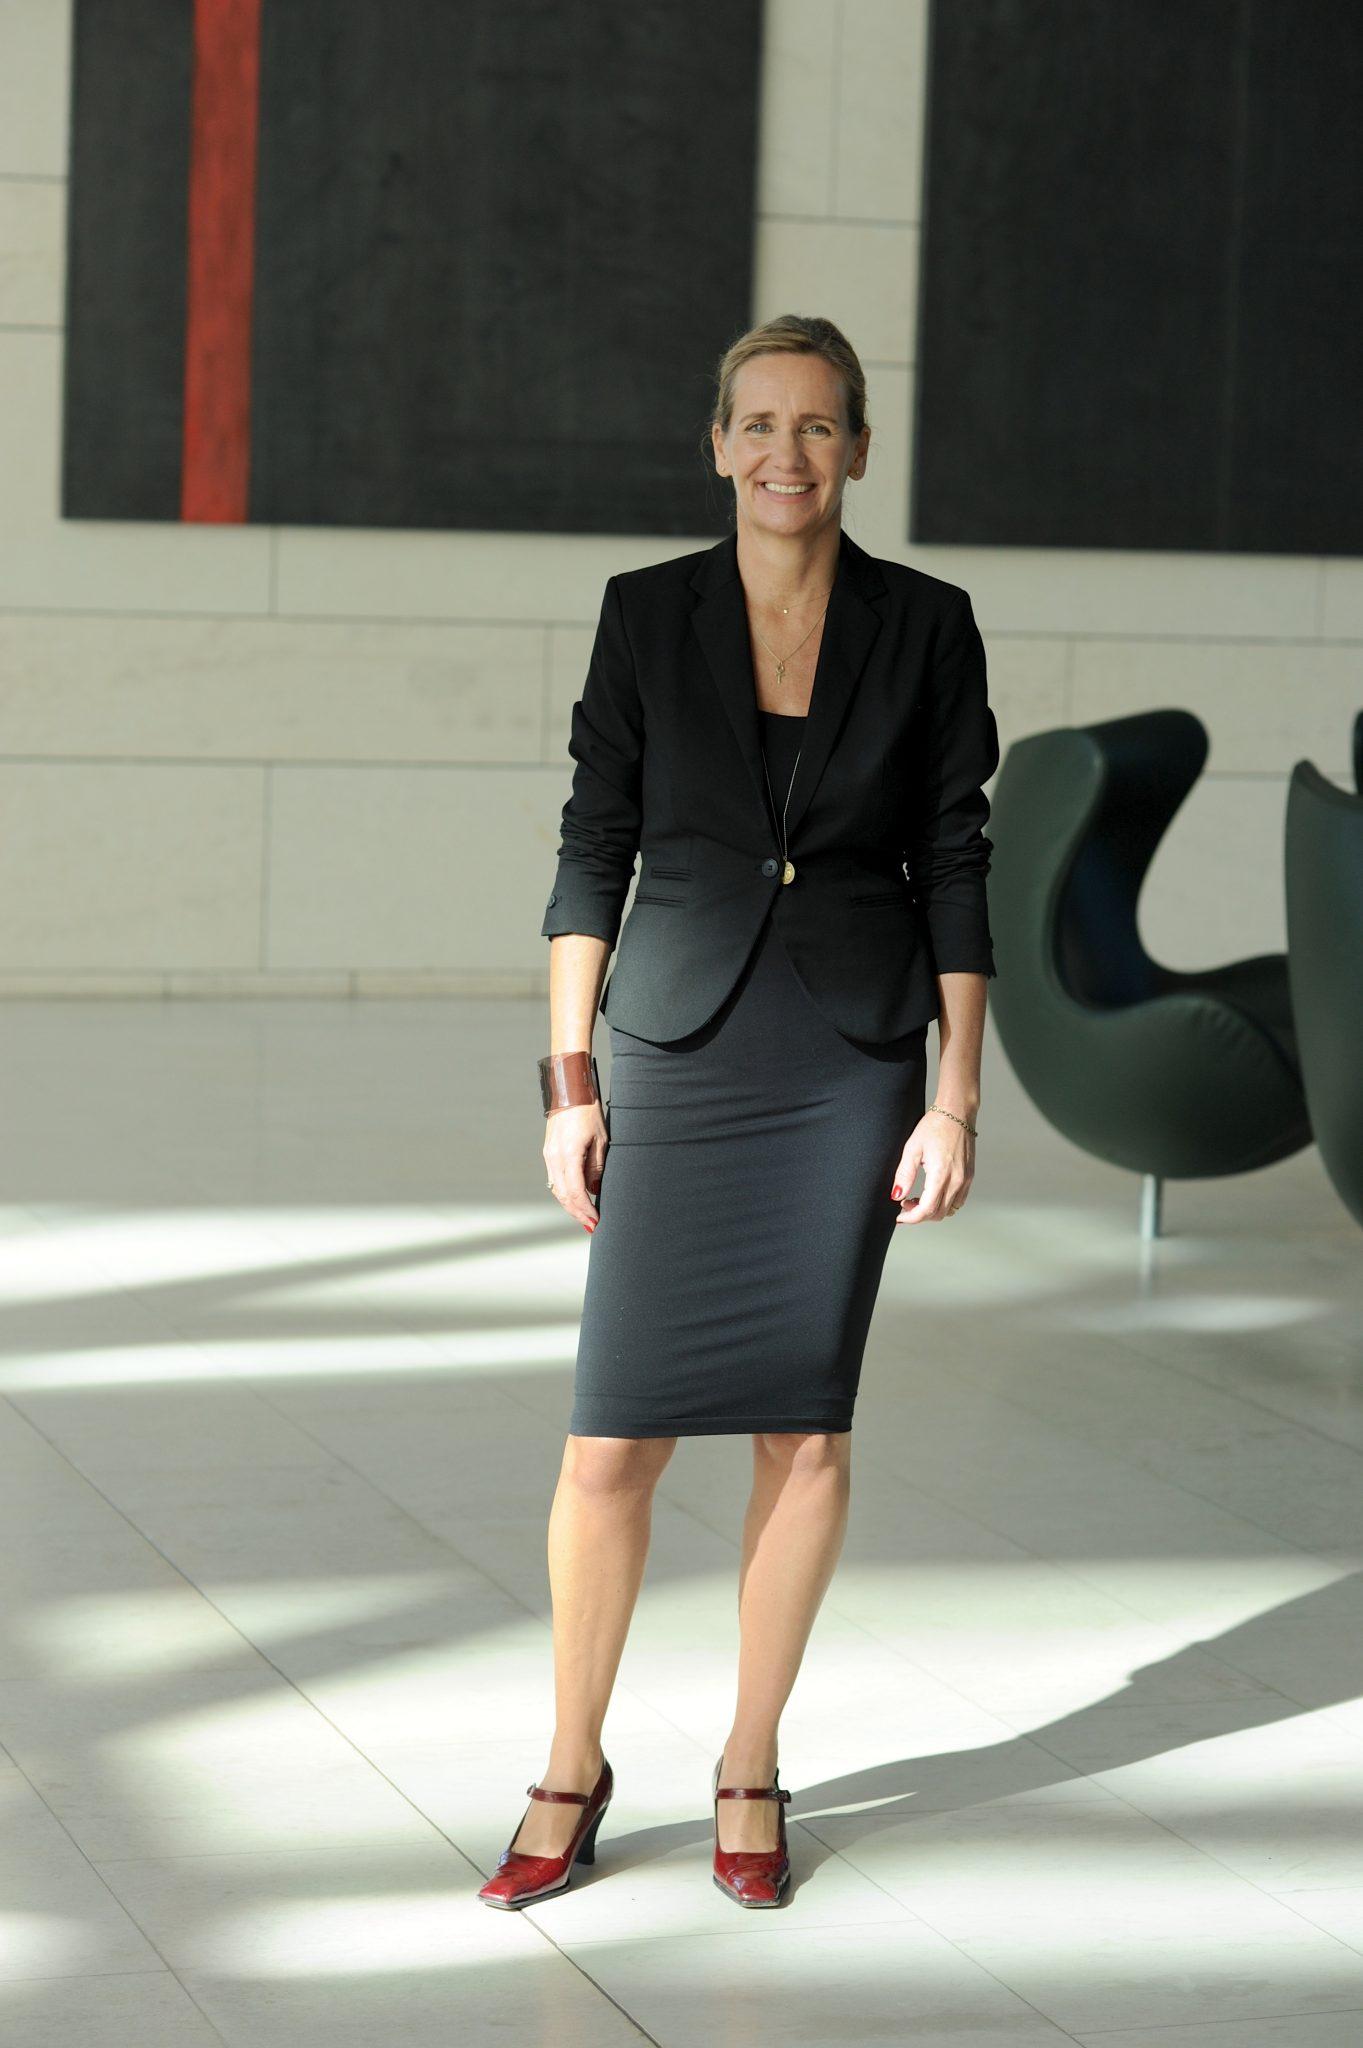 Marianne Egelund Siig